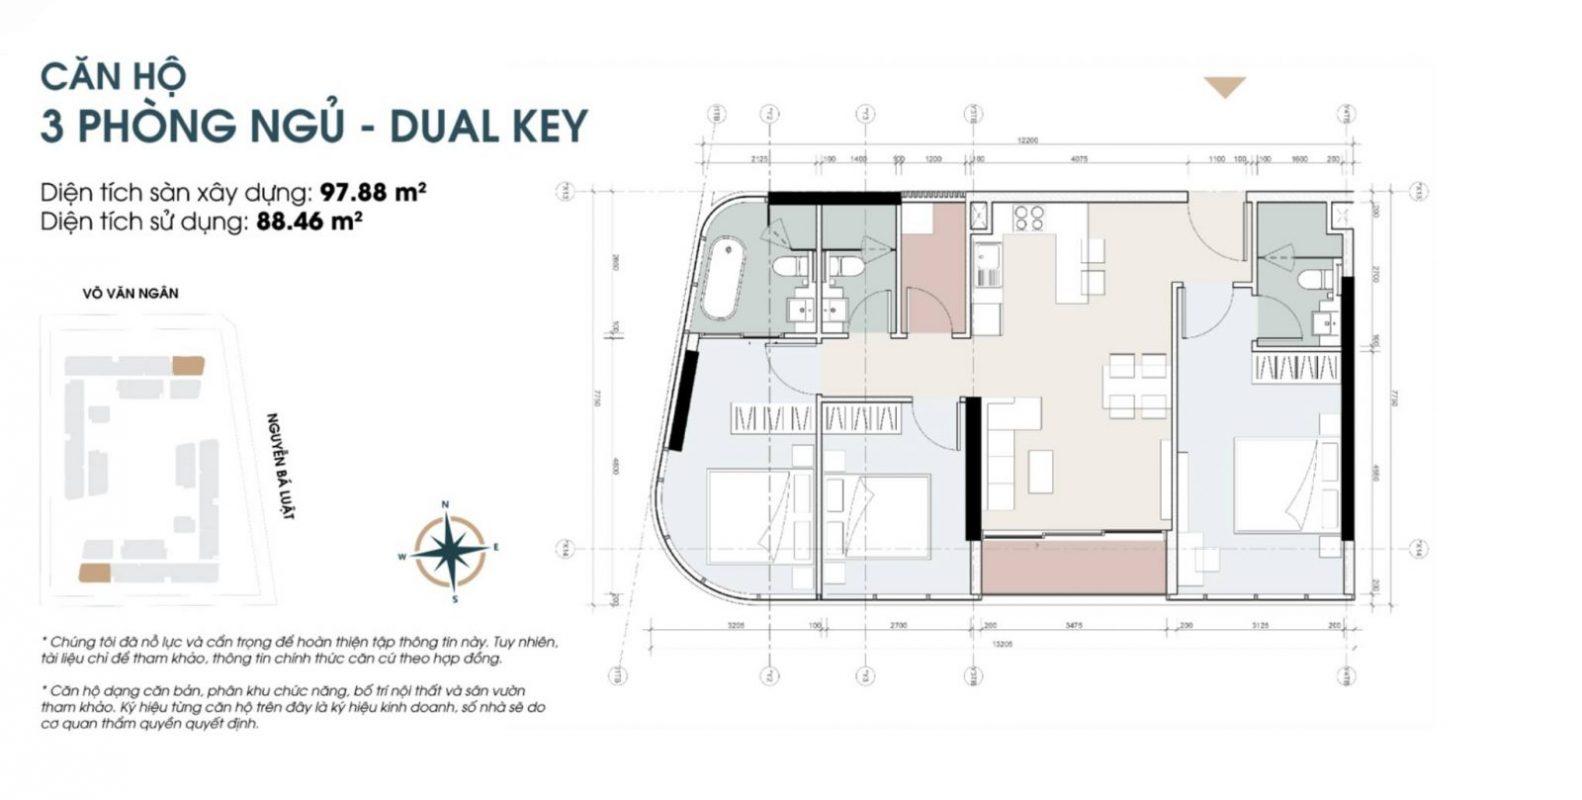 King Crown Infinity - TK 3pn Dual Key